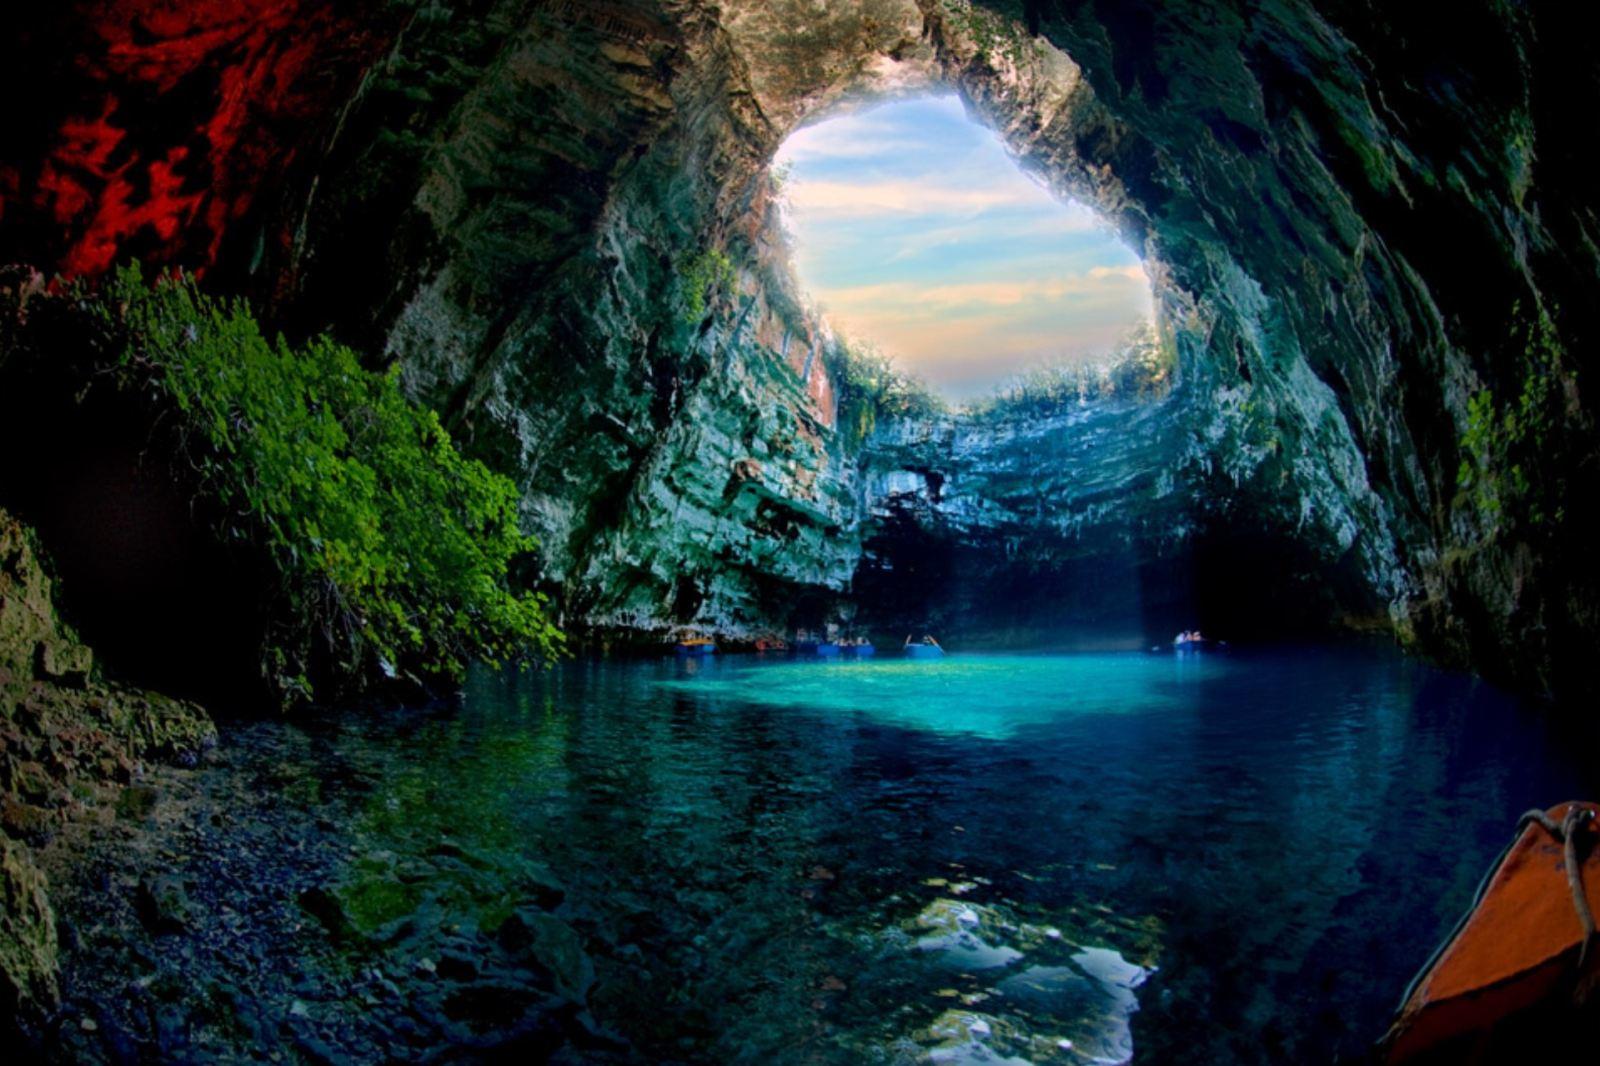 Thám hiểm Sơn Đoòng - Chốn thần tiên dưới lòng đất